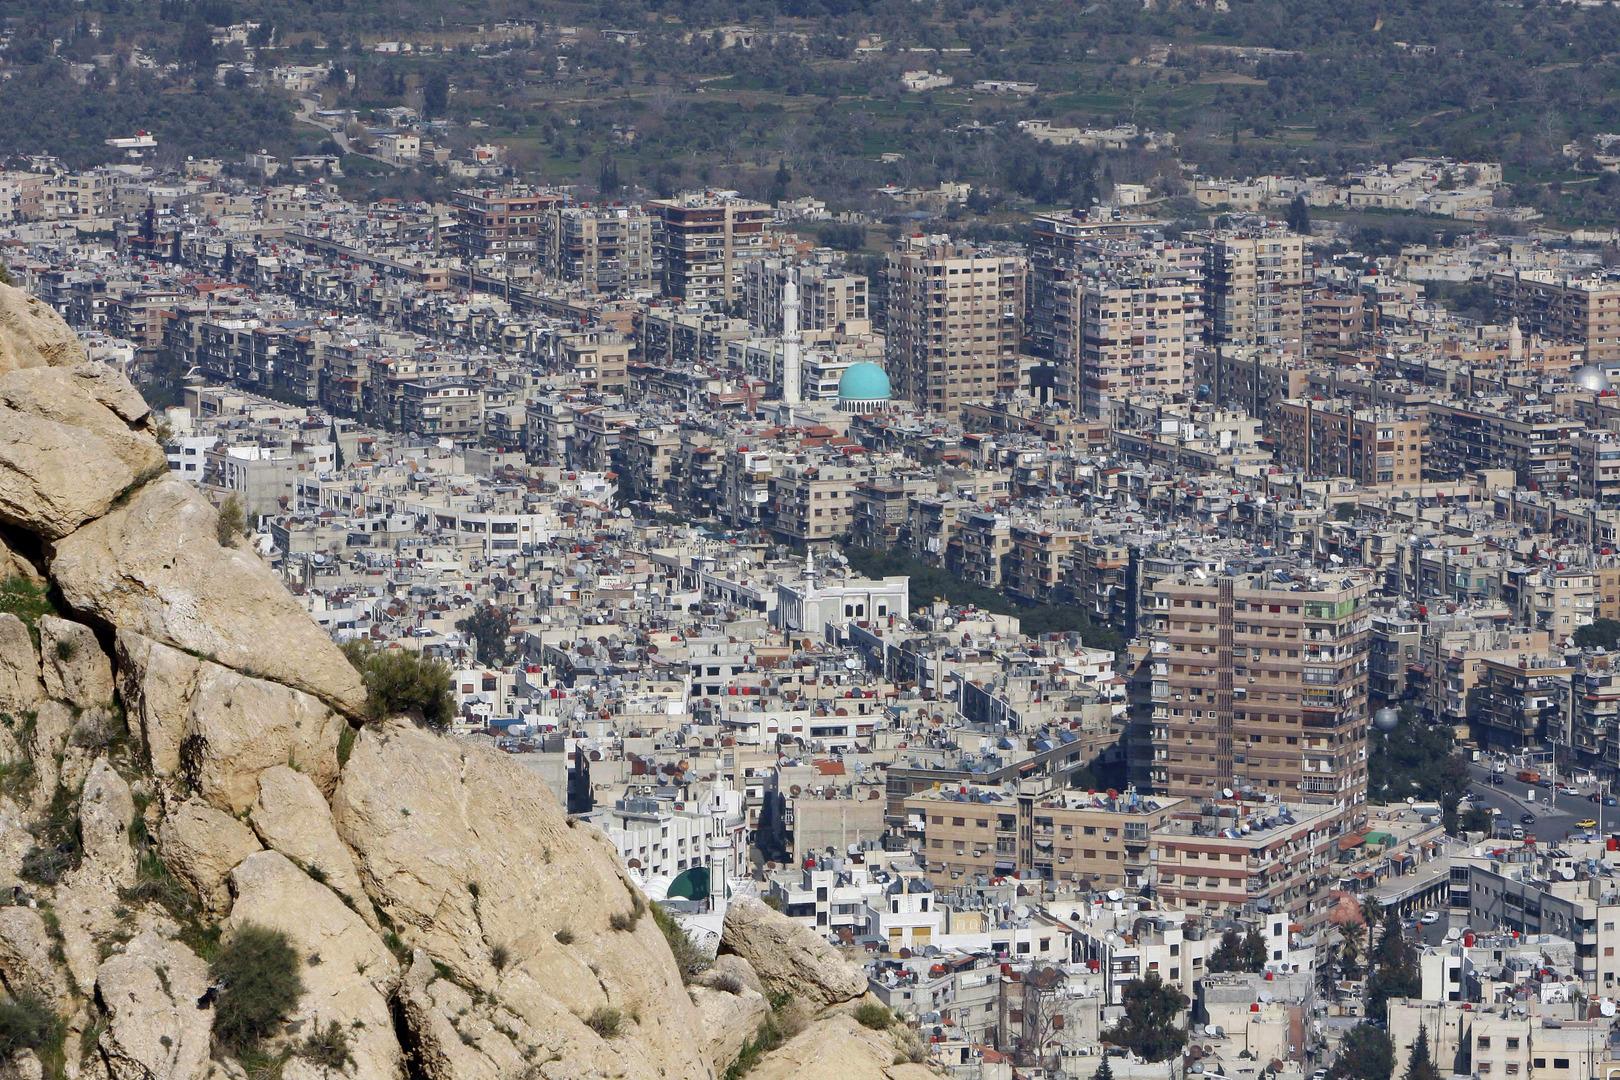 مزاعم عن احتجاز الموساد جنرالا إيرانيا في دمشق تحدث صدى في إسرائيل ومسؤولون سابقون يعلقون